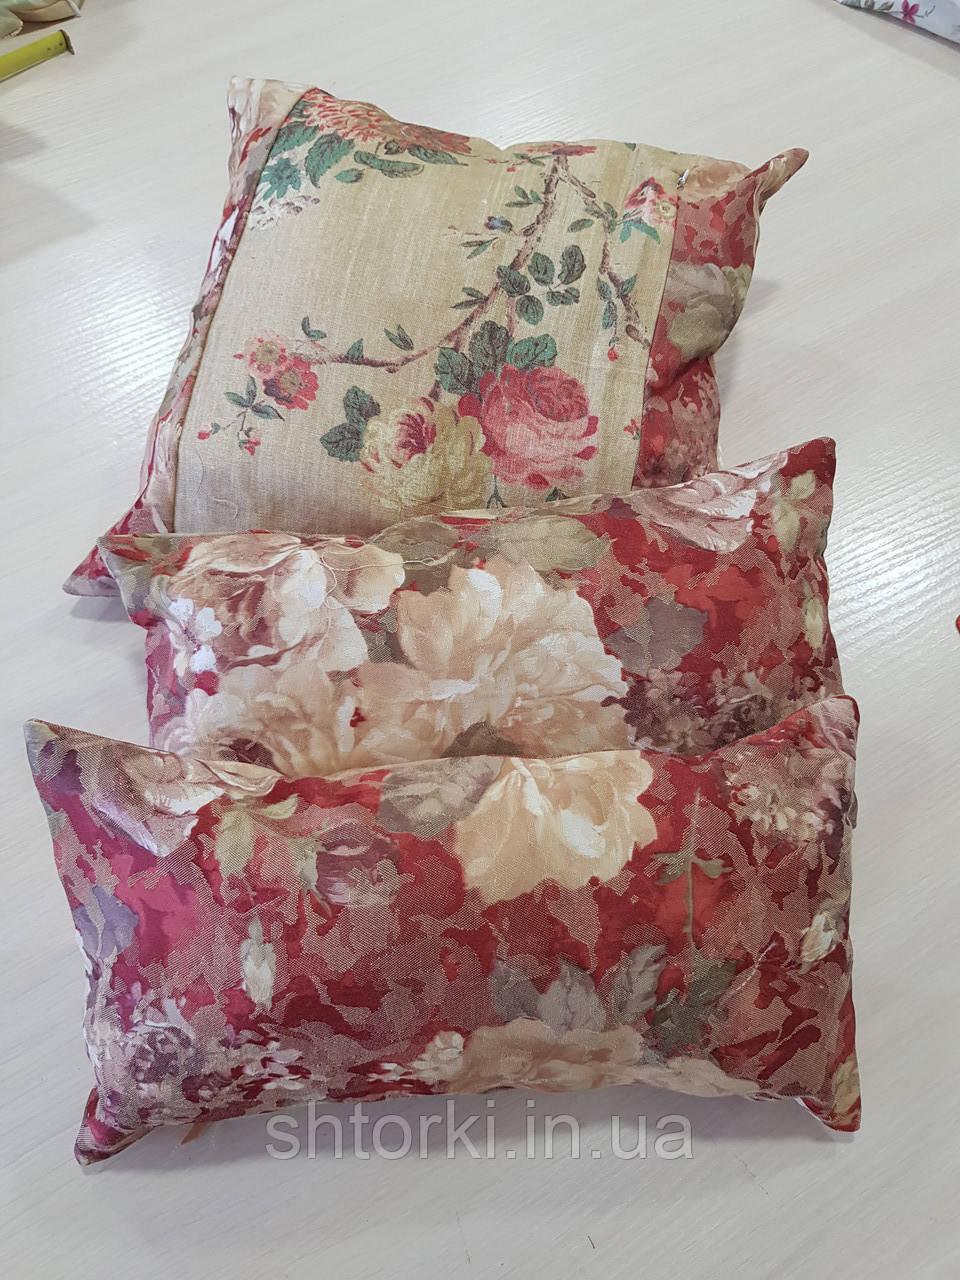 Комплект подушек цветы Терракот 3шт